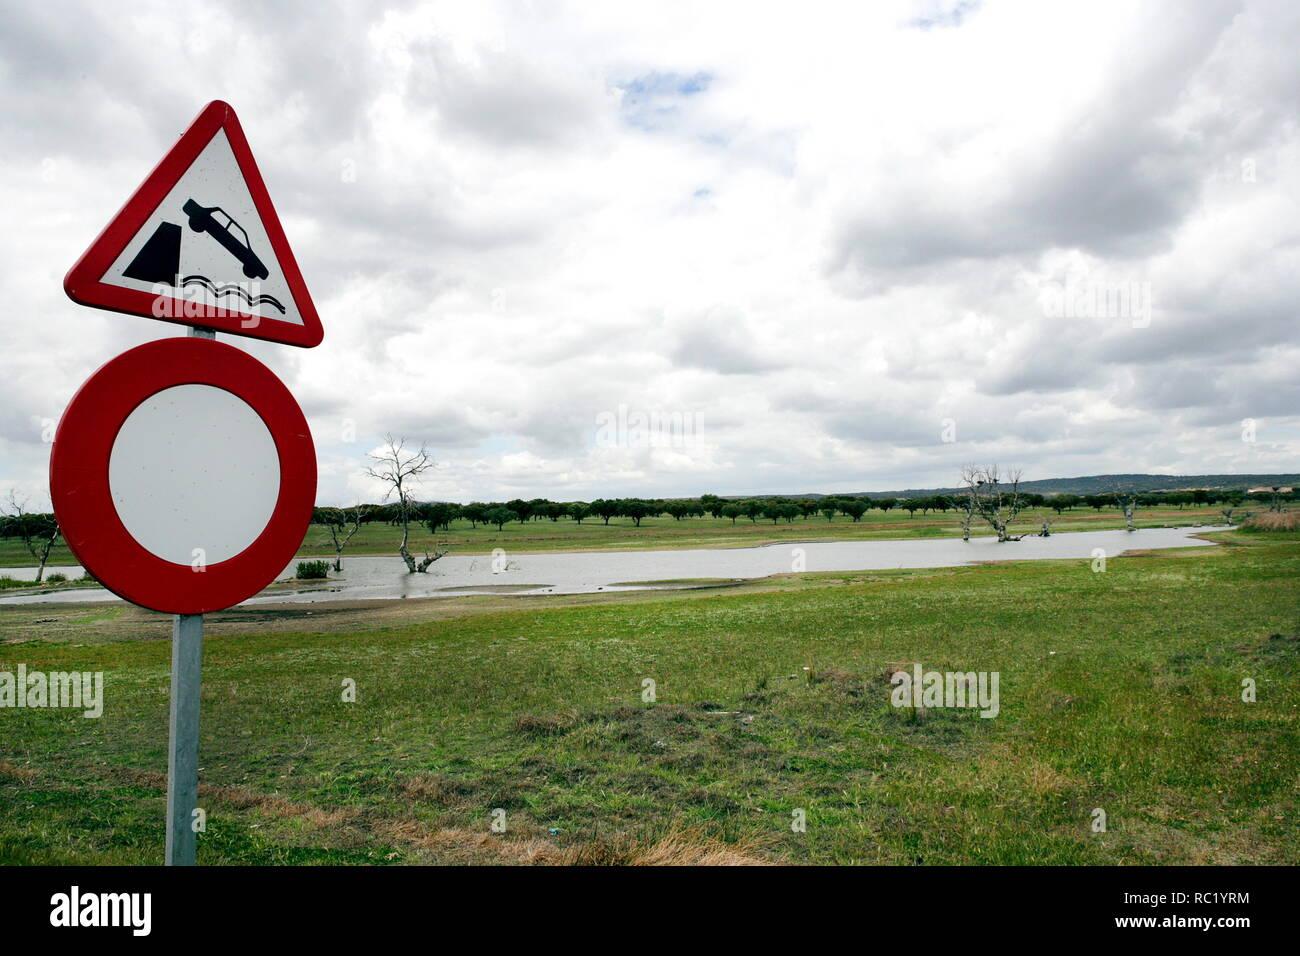 Lago artificial do Alqueva, Alentejo, Portugal Stock Photo